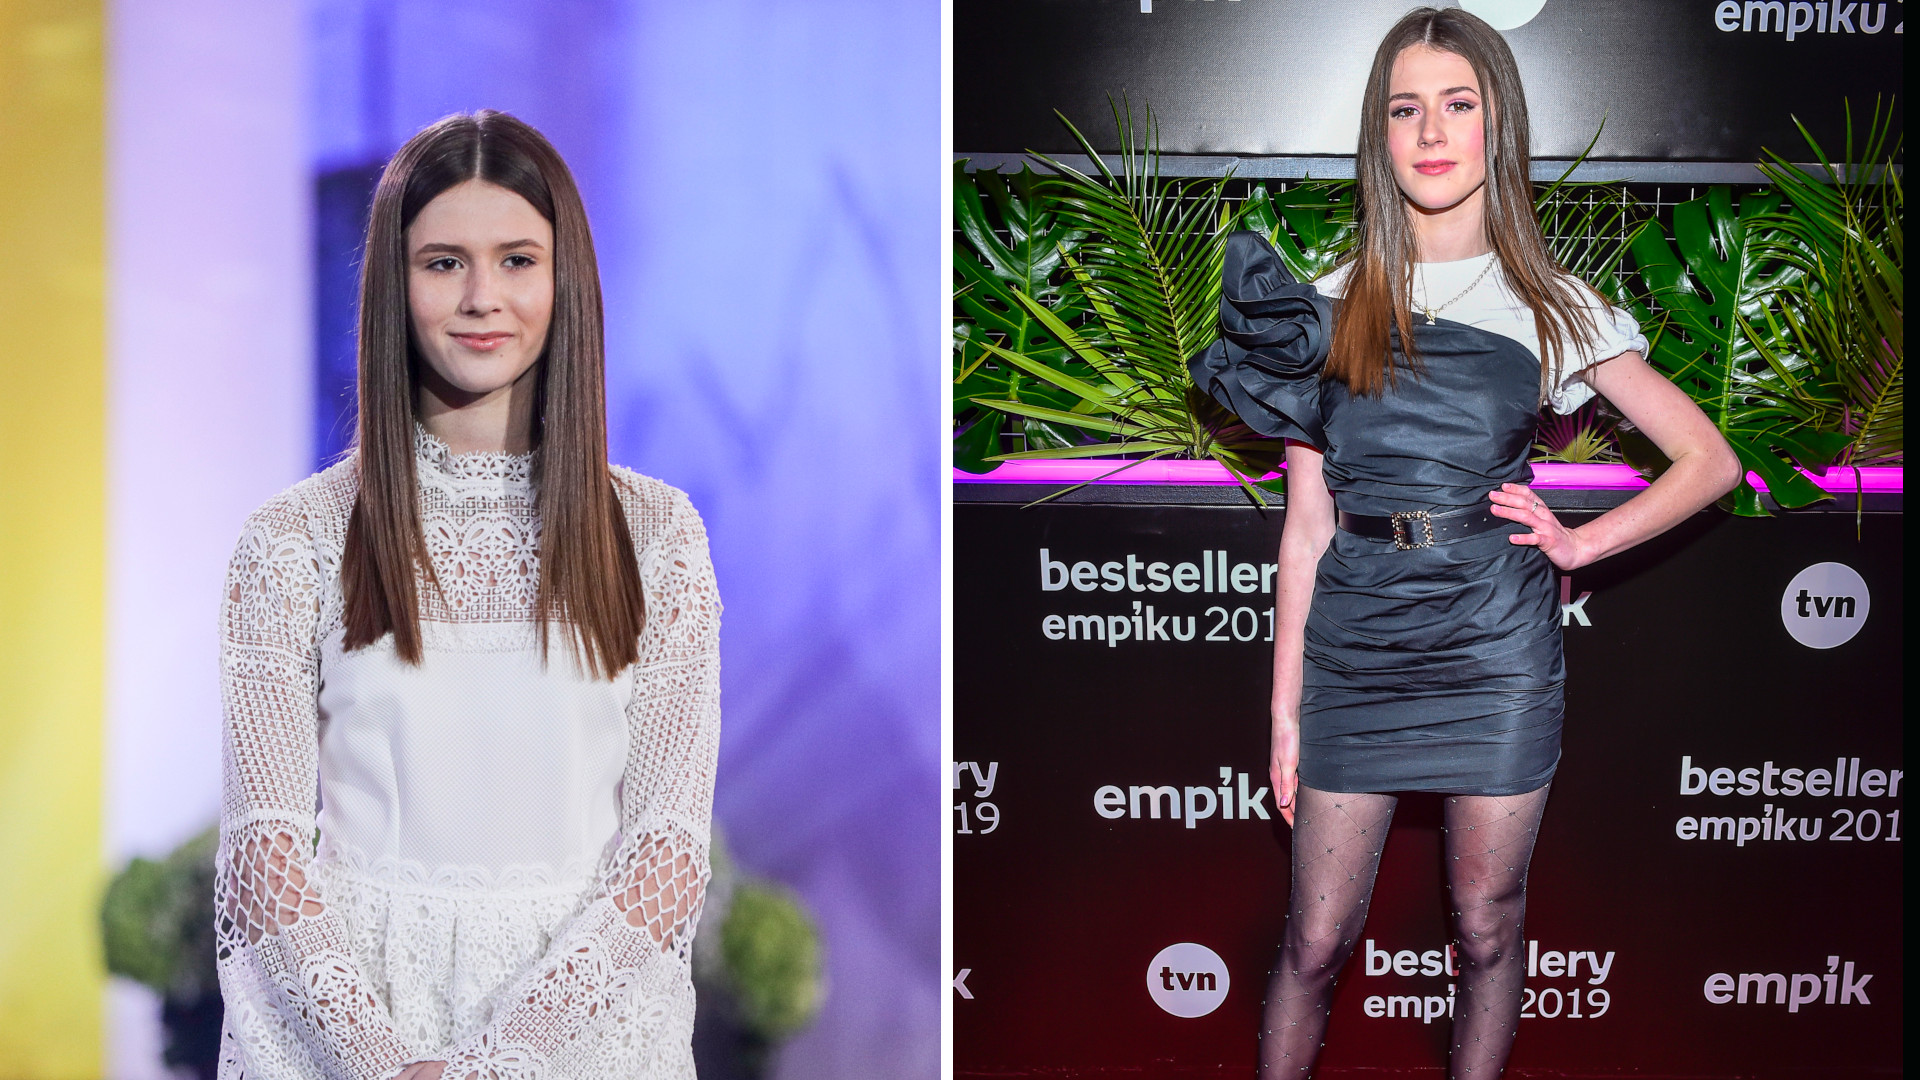 Bajkowa Roksana Węgiel wypuściła nowy singiel